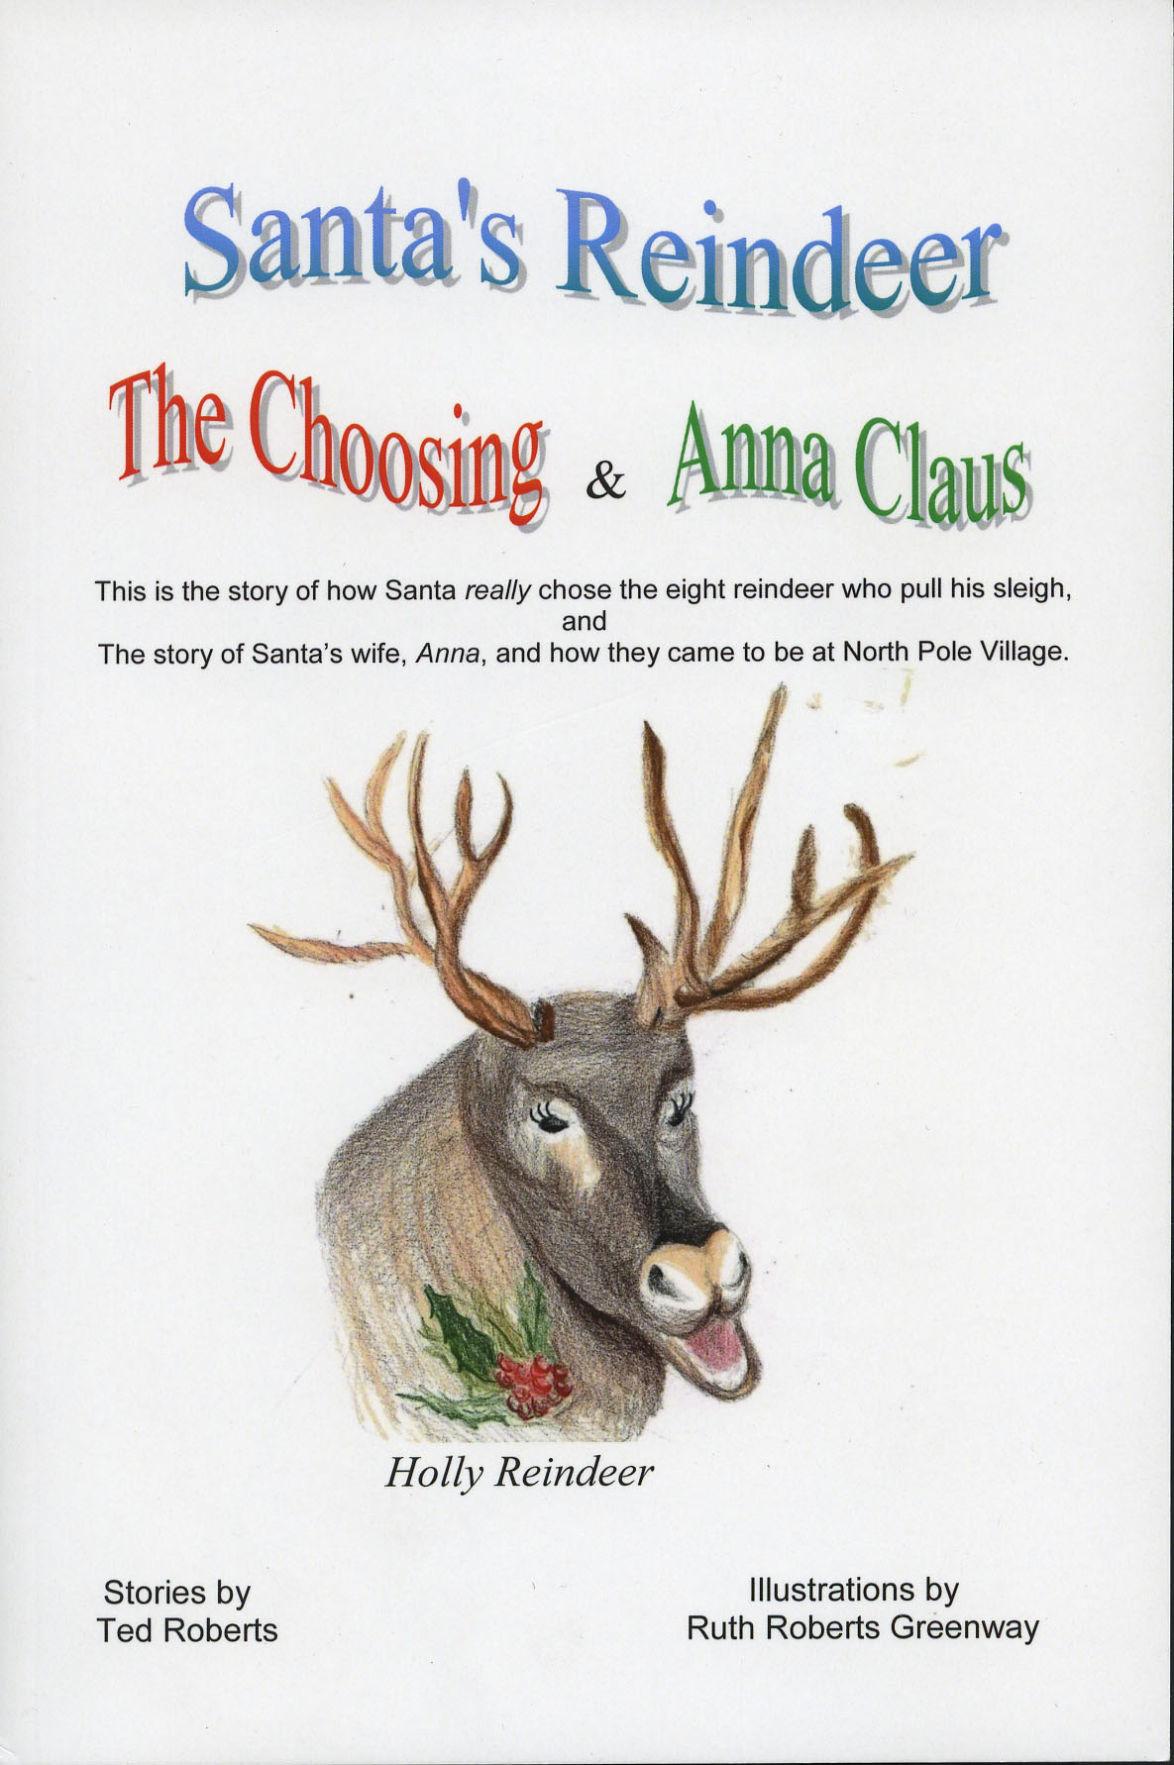 Santa's Reindeer: The Choosing & Anna Claus